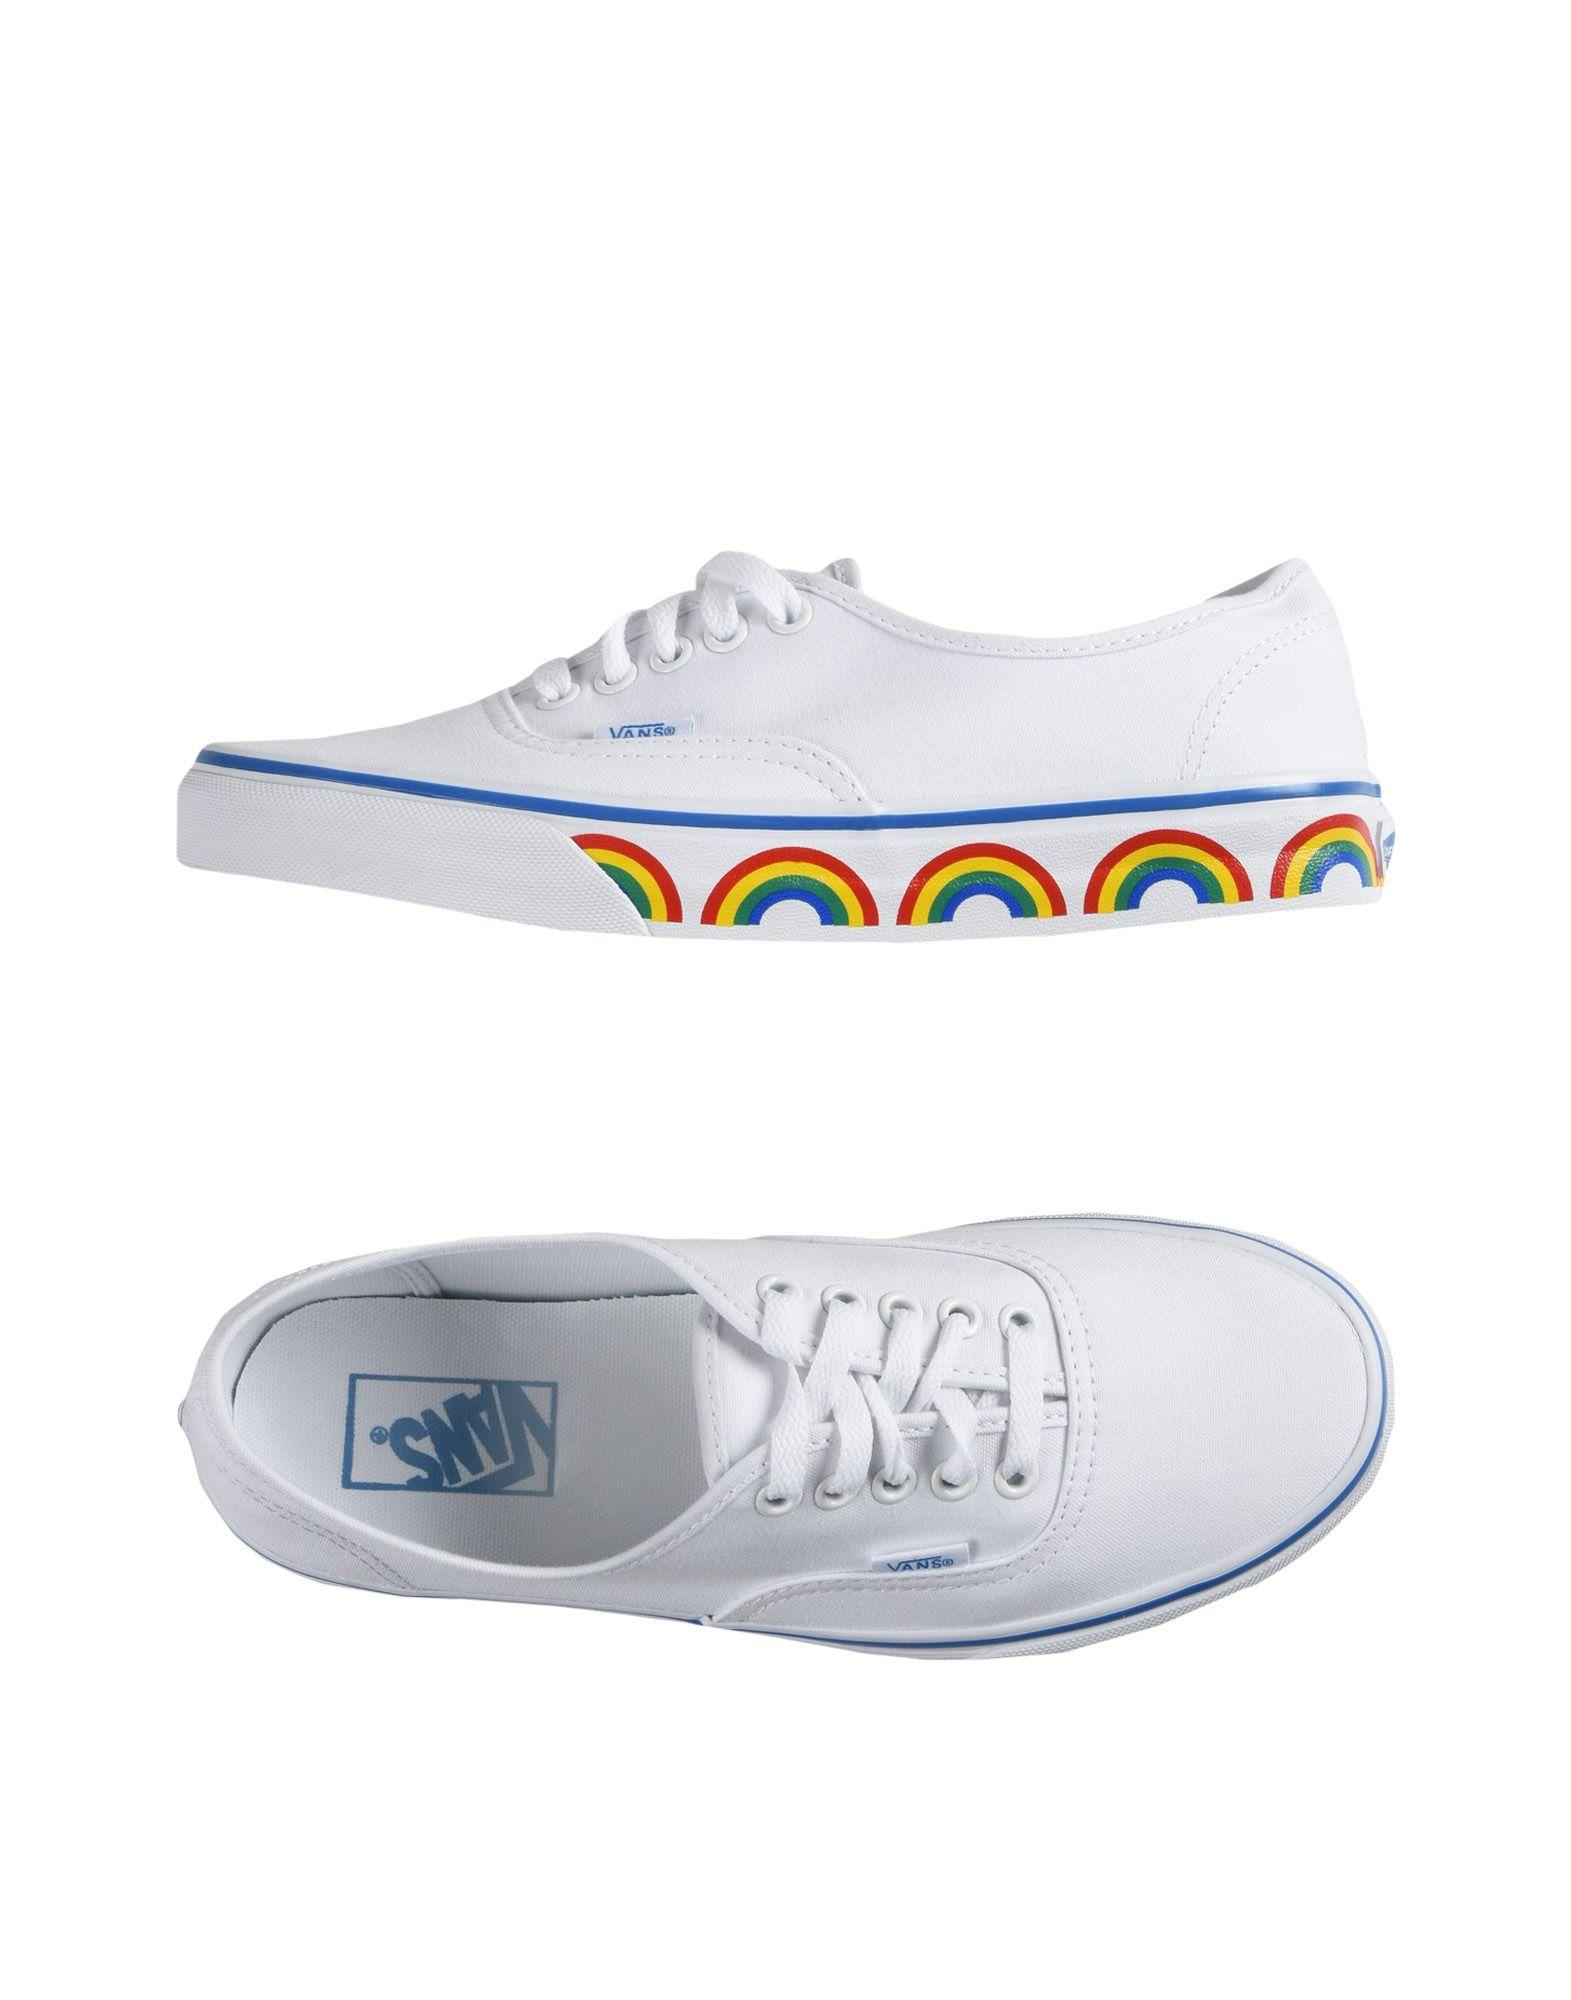 Sneakers Vans Ua Authentic - Rainbow Tape - Femme - Sneakers Vans sur